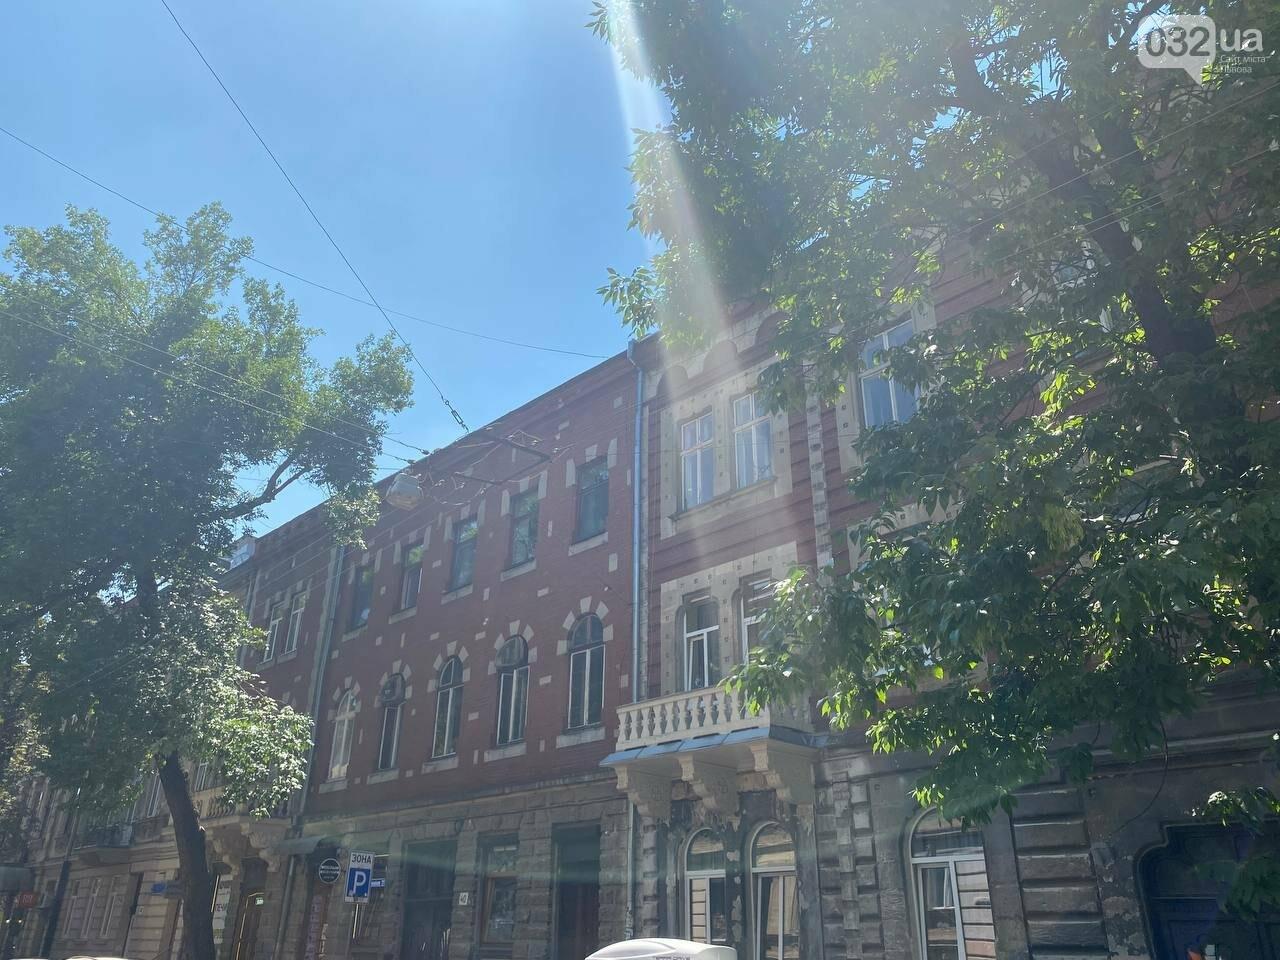 Будинки Тадеуша Чарнецького (№ 38, 40), Фото: 032.ua